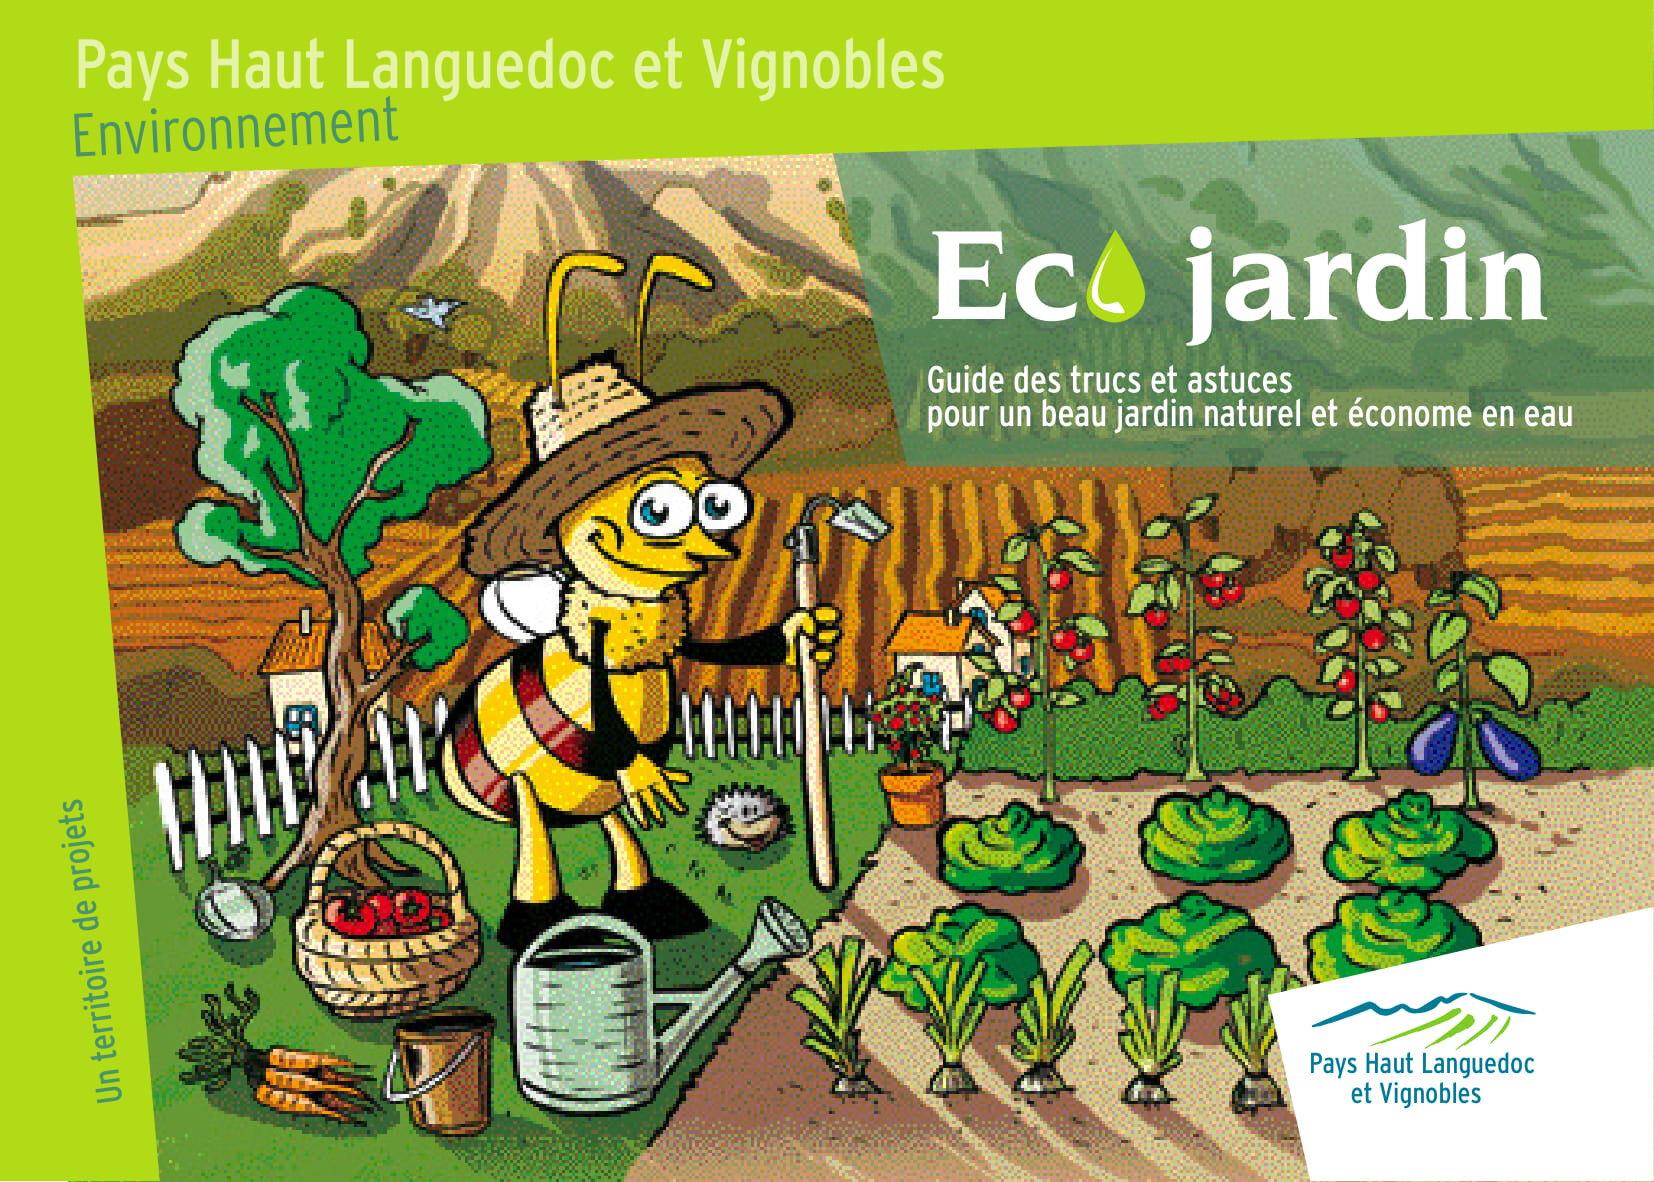 Télécharger le guide Éco Jardin pour un beau jardin naturel et économe en eau réalisé par Les Jardins De Tara, Cebenna et PHLV